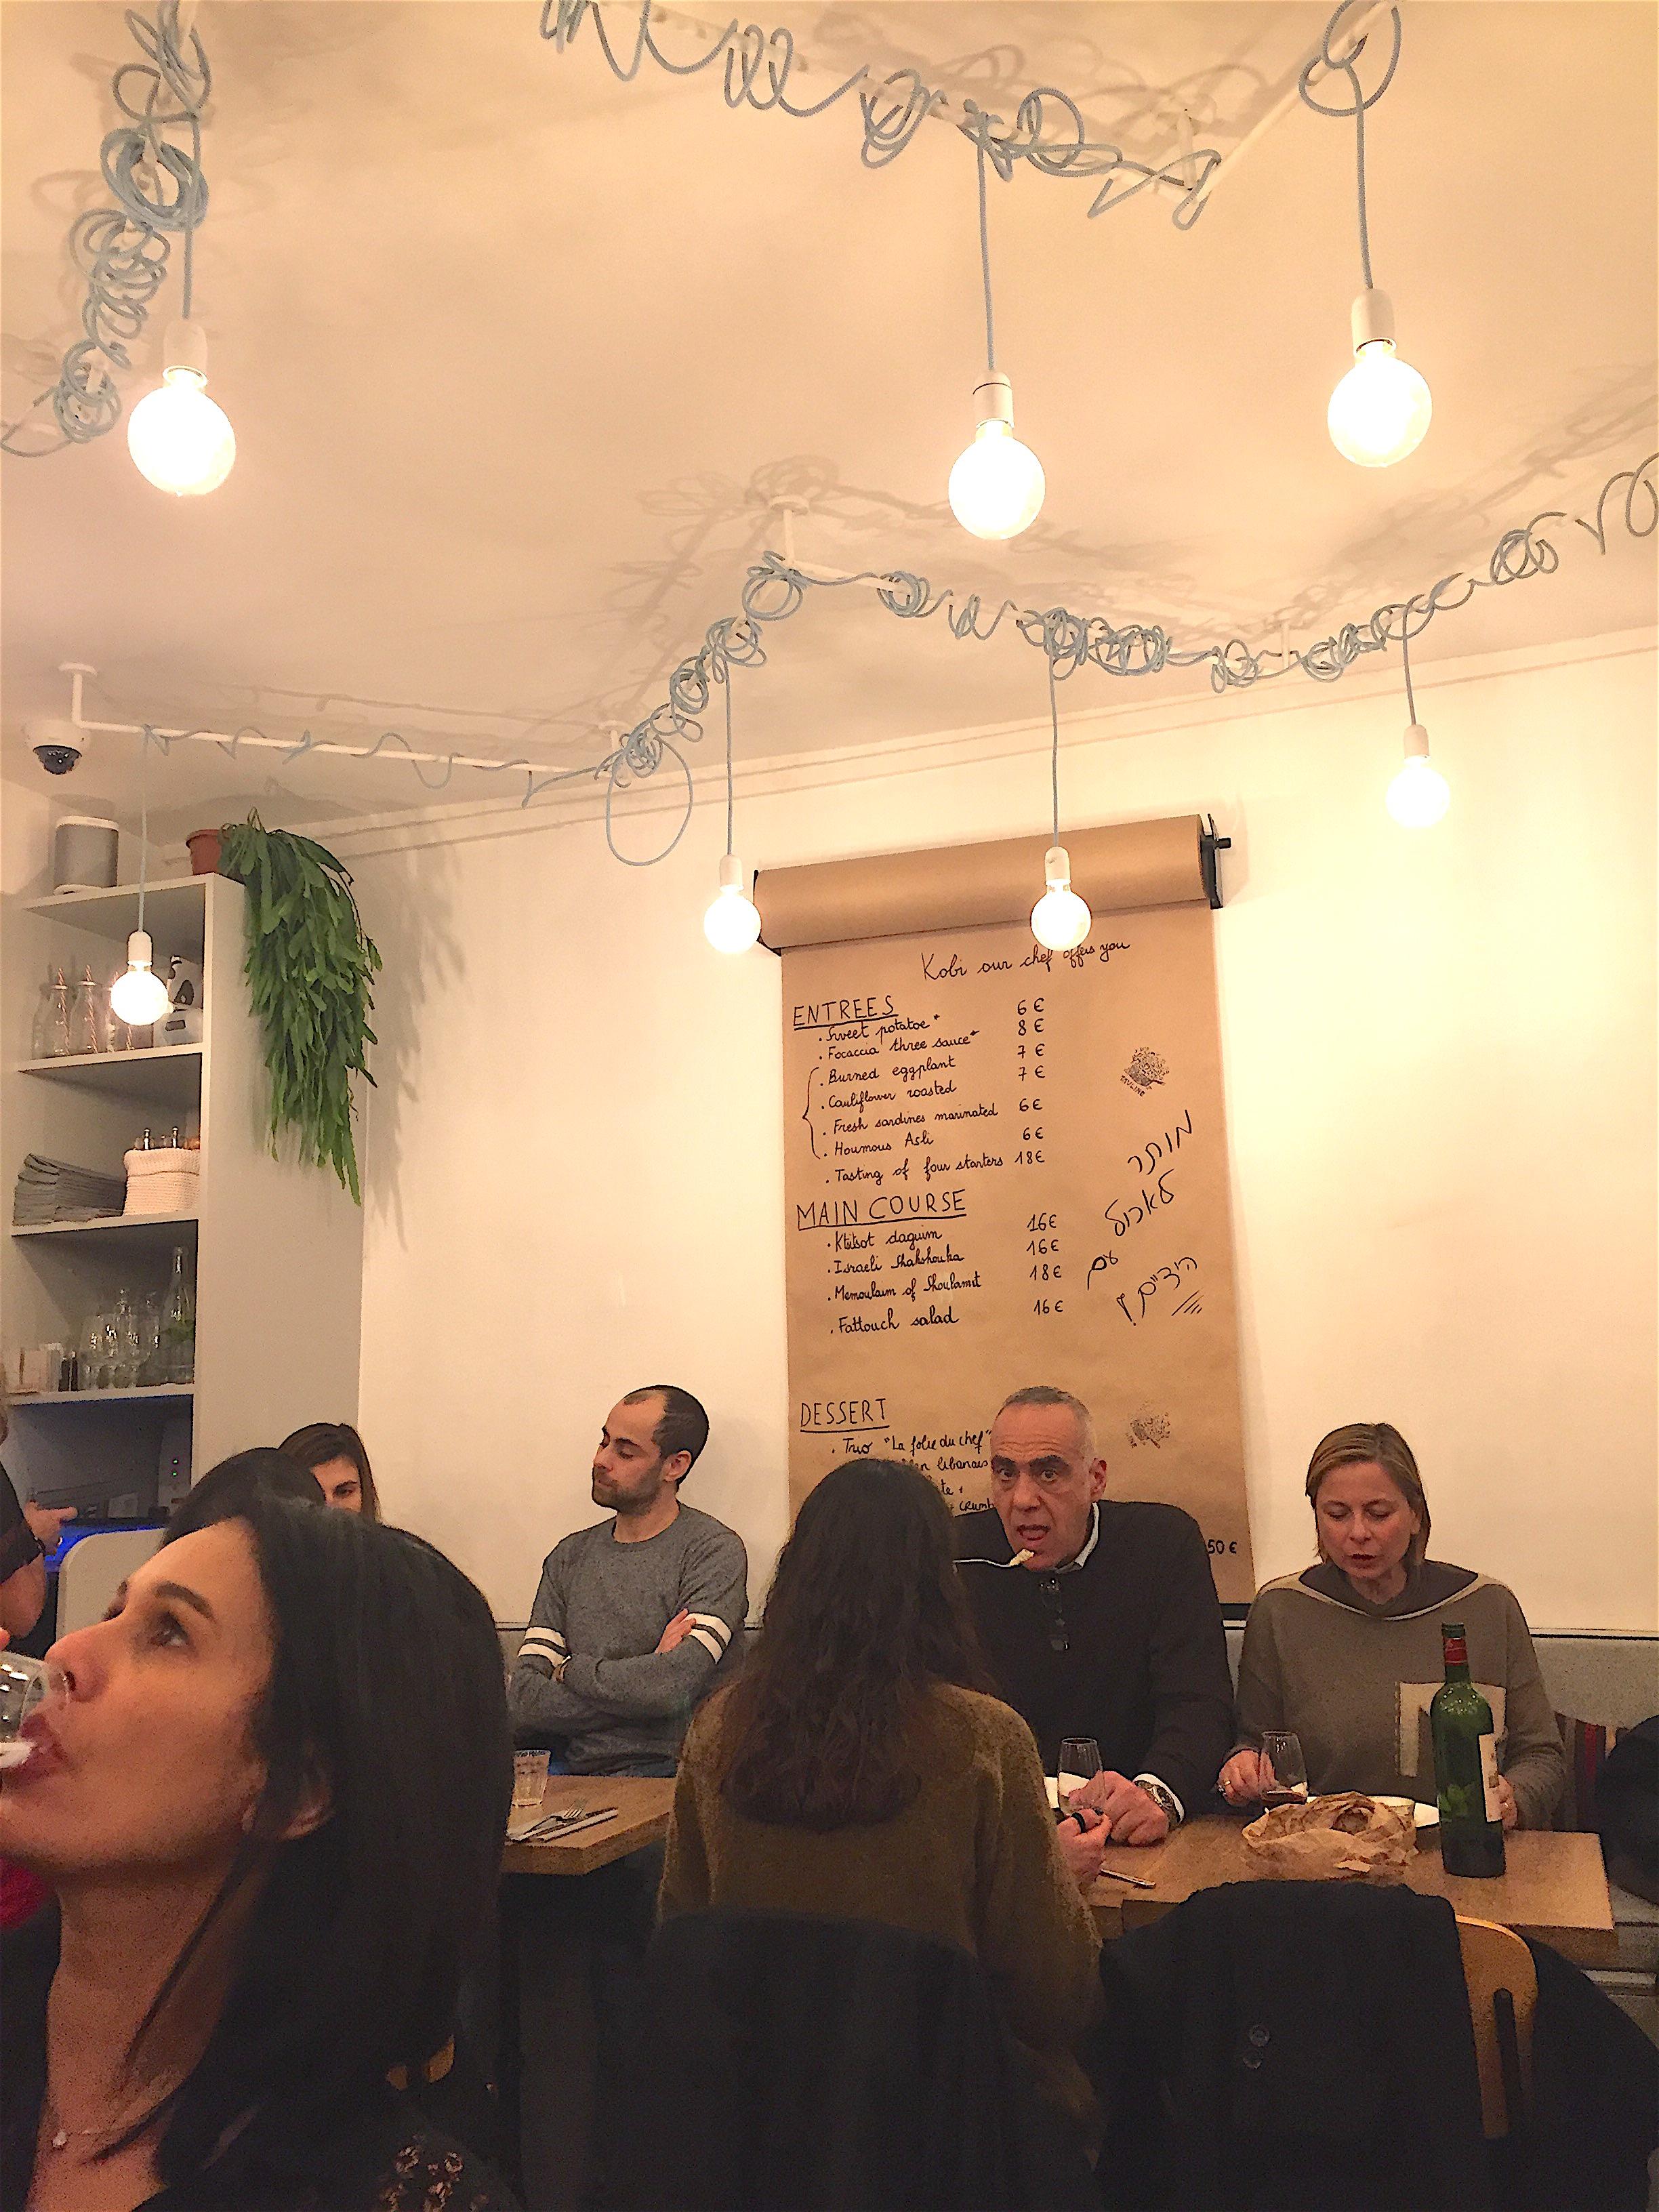 Tavline - dining room @Alexander Lobrano